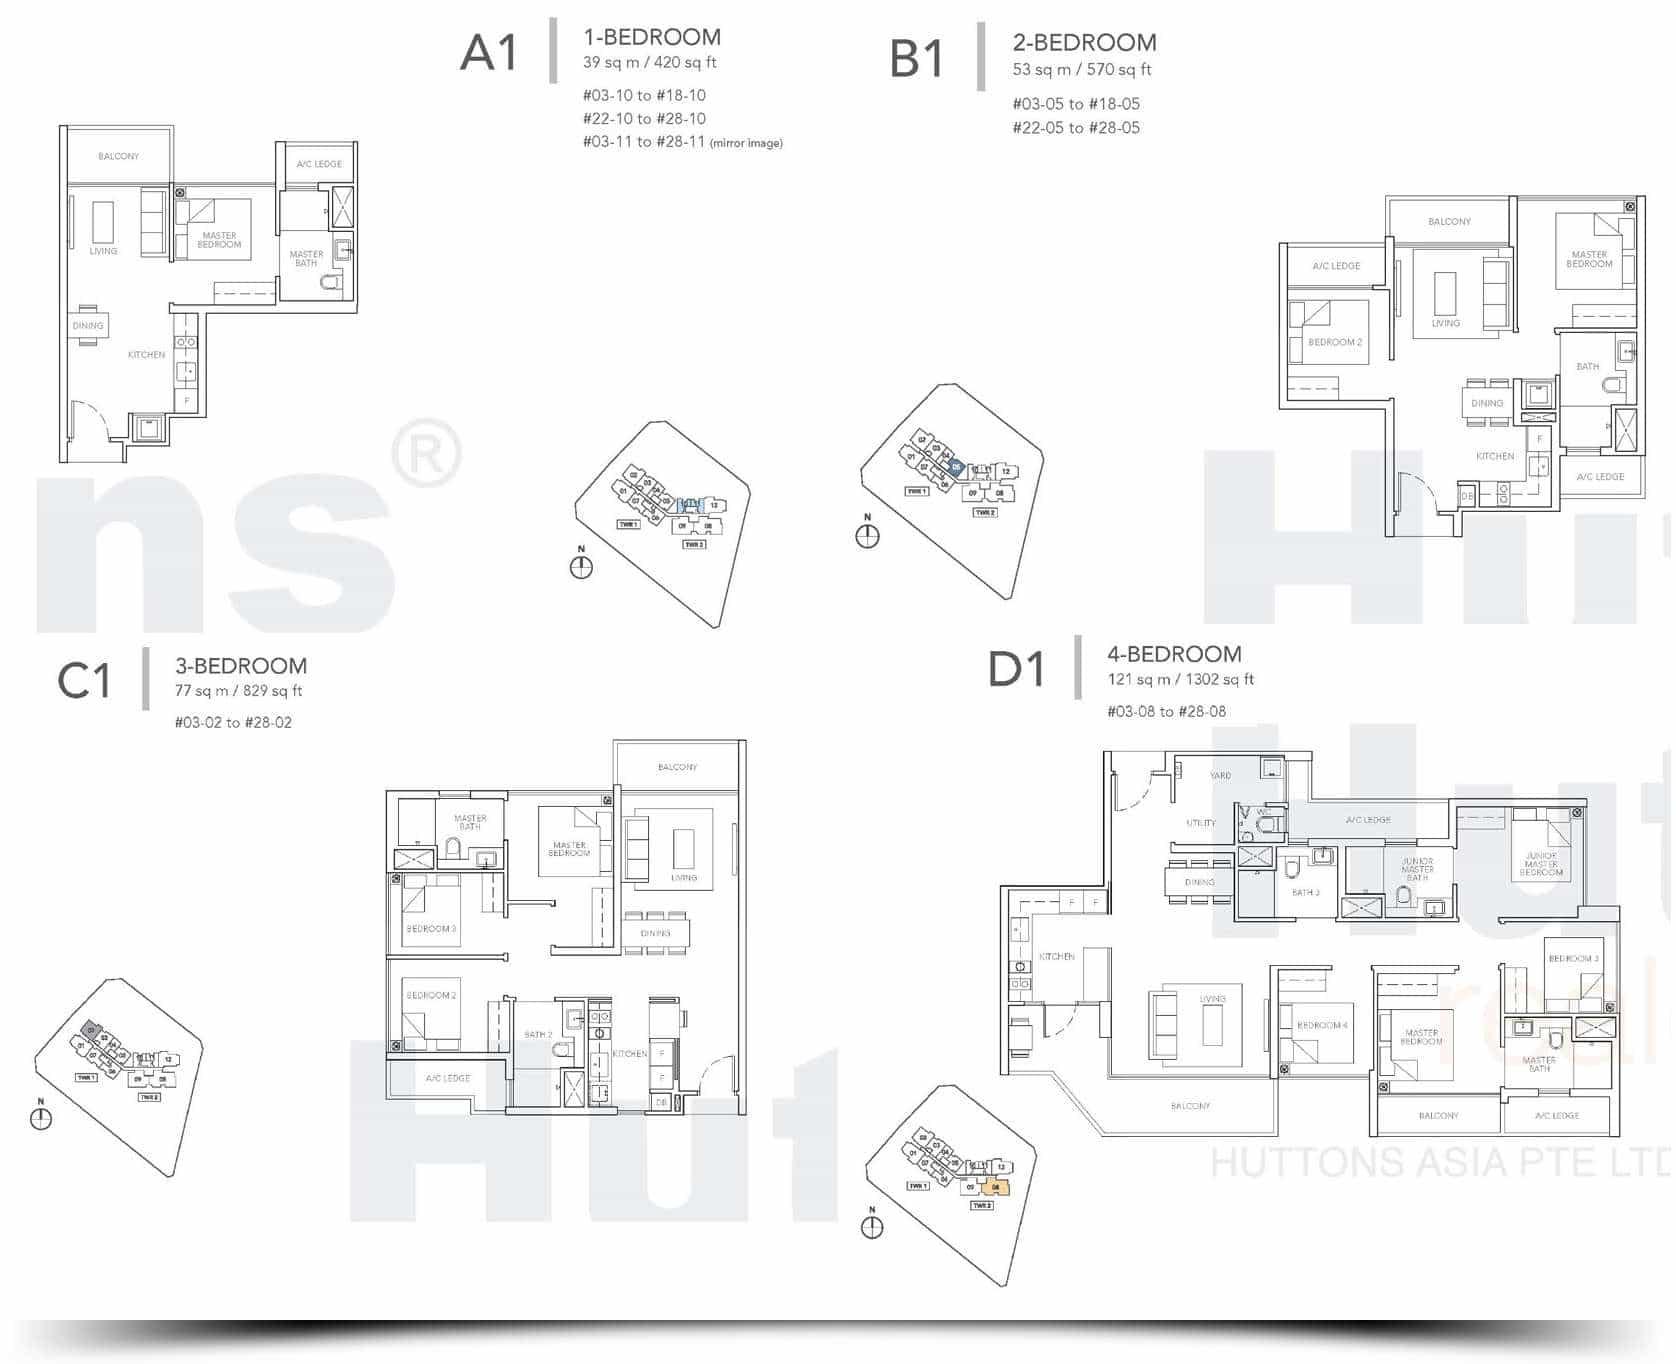 Sturdee-Residence-Floor-Plan